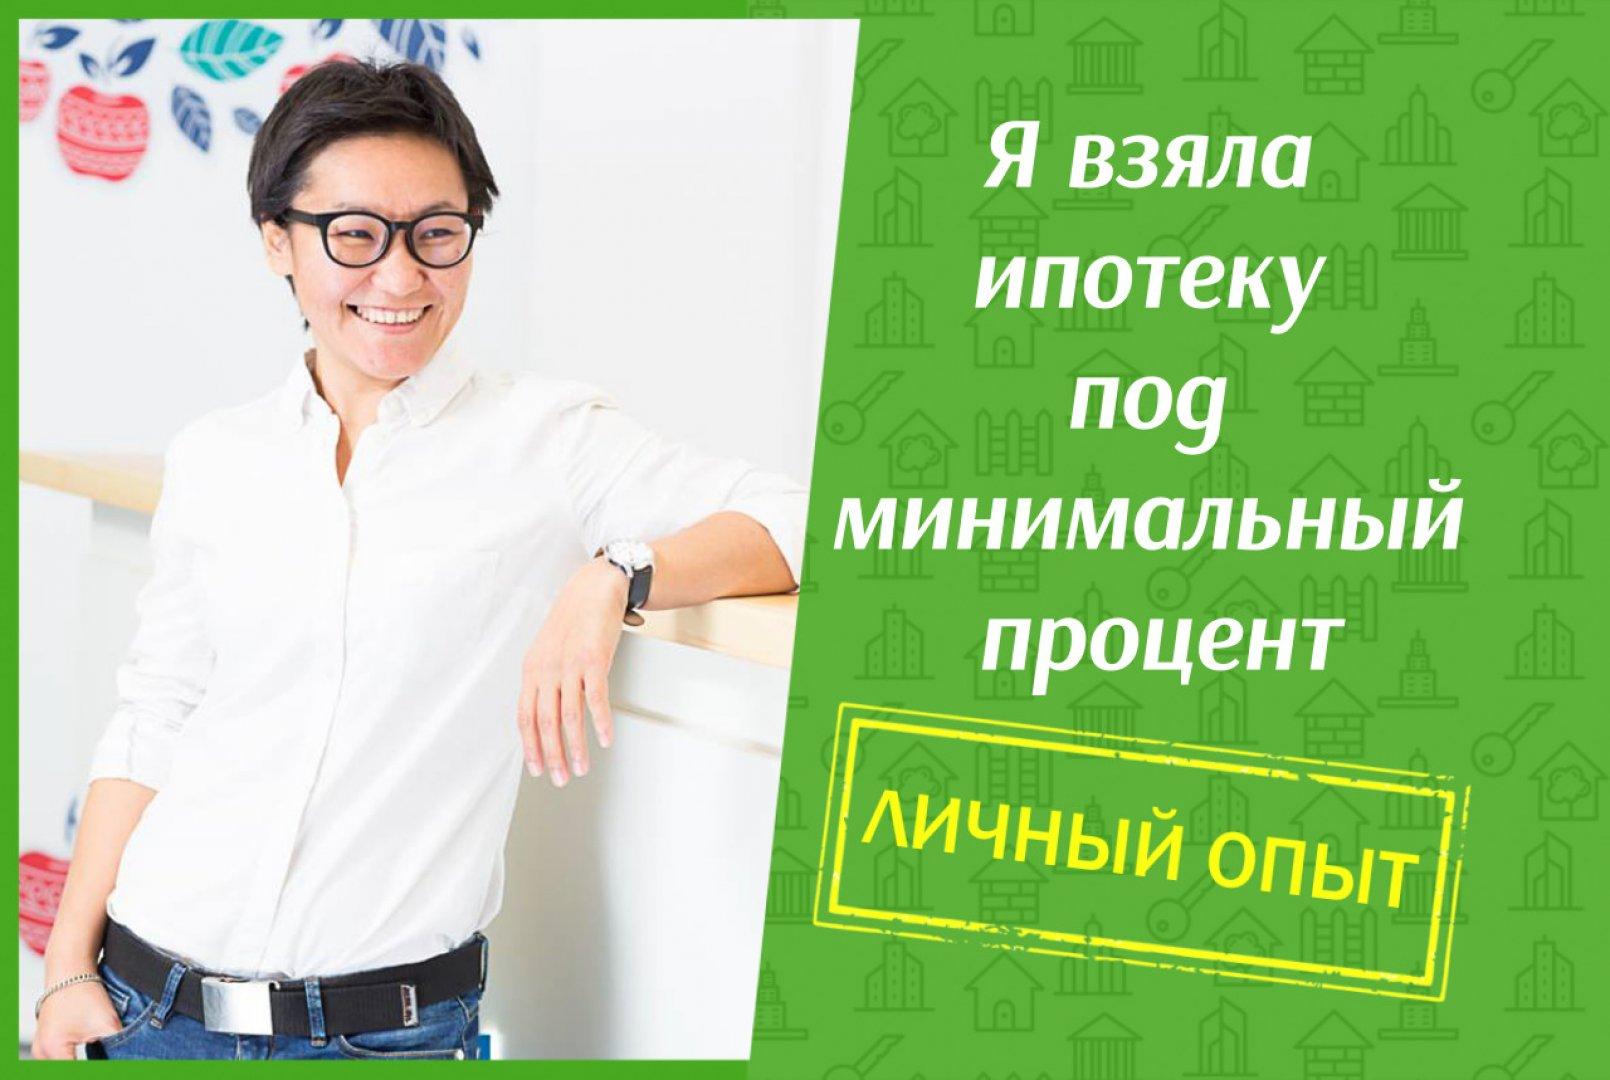 кредит на 20 лет под низкий процент в казахстане моней экспресс займ